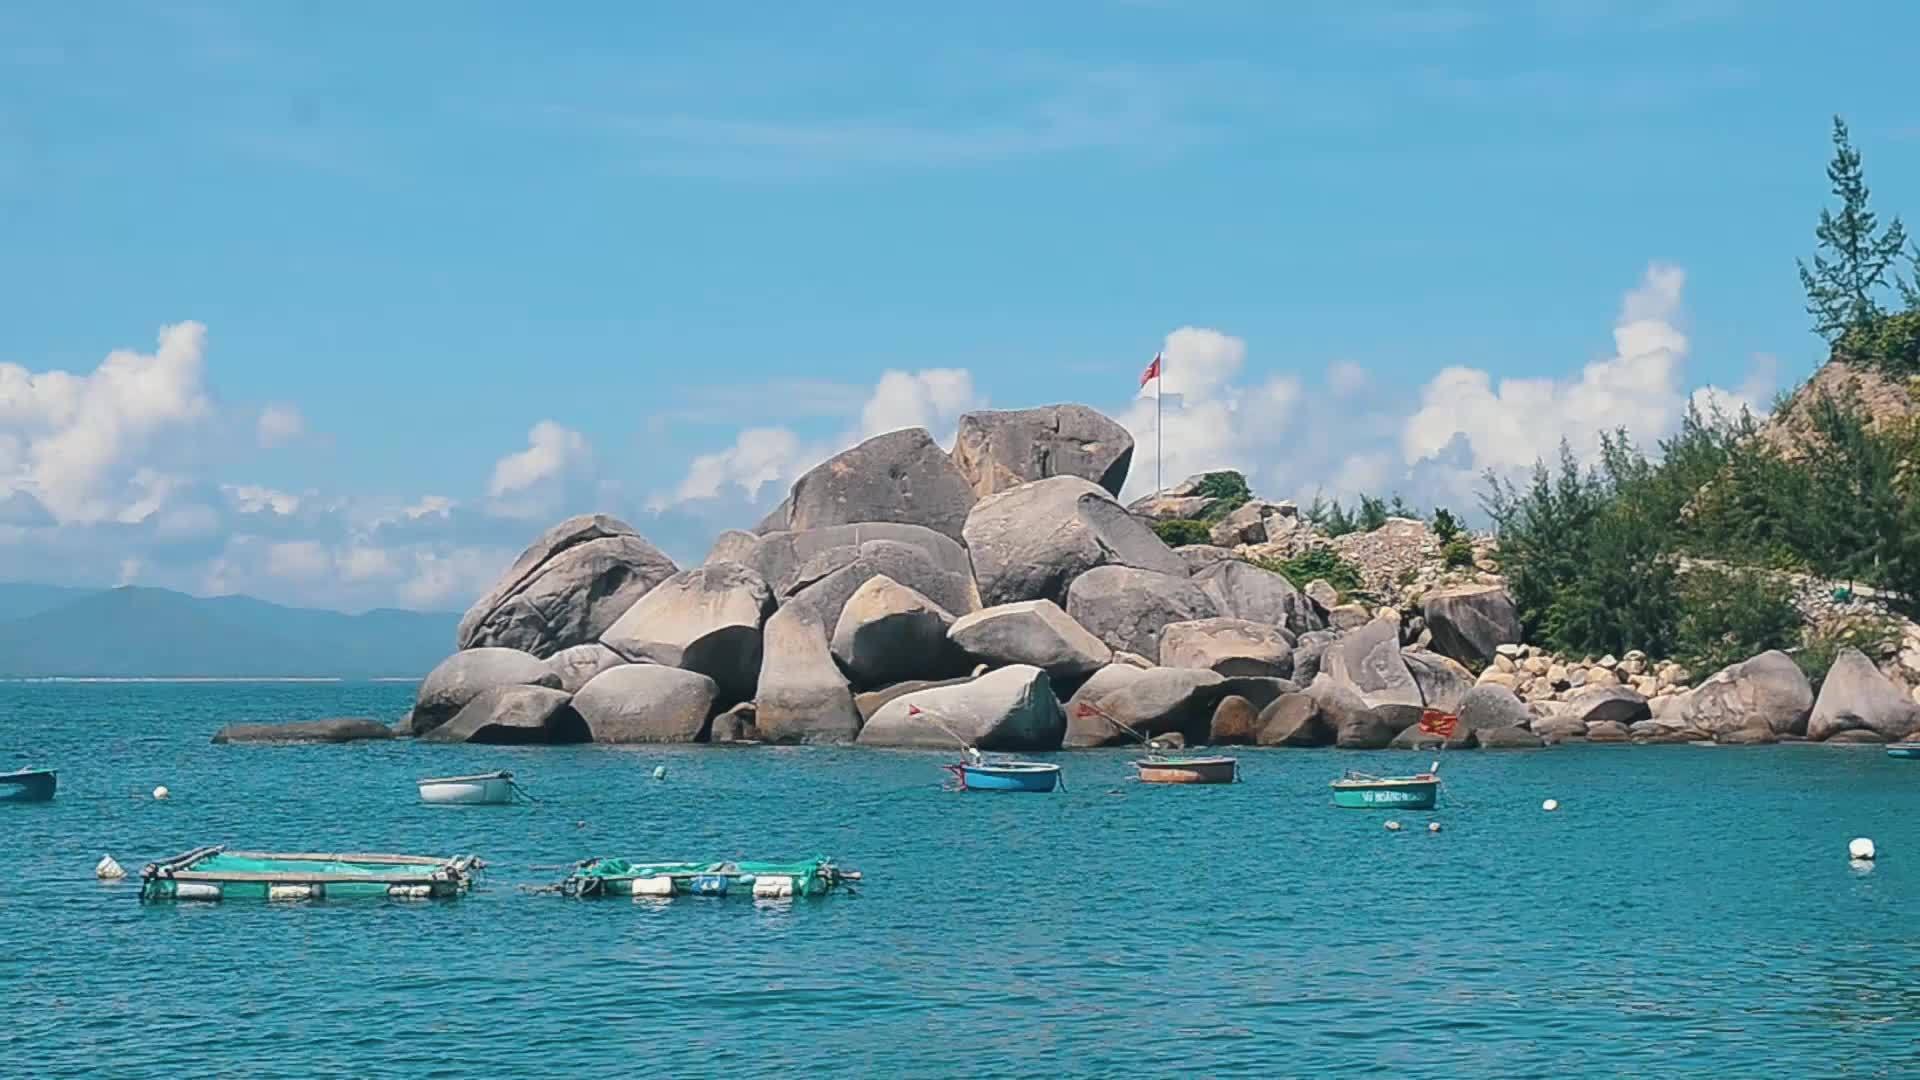 90 giây dạo quanh Cù Lao Xanh ở Bình Định